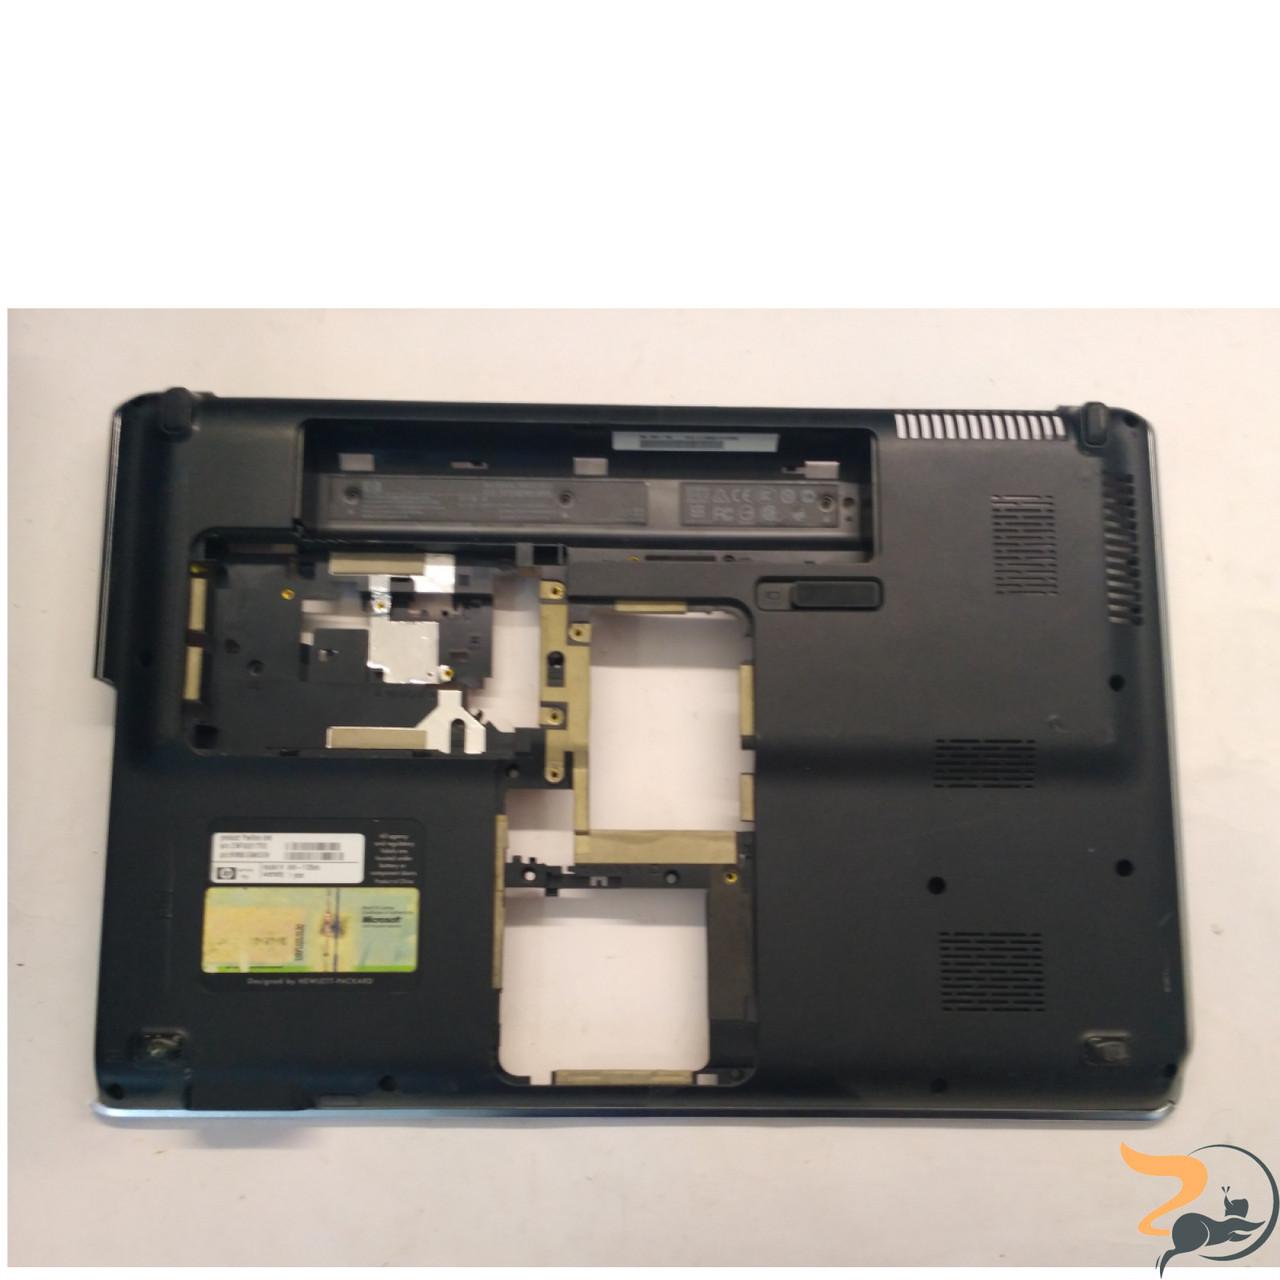 """Нижня частина корпусу для ноутбука HP Pavilion dv6-1125eo, 15.6"""", 532737-001, Б/В. Всі кріплення цілі.Без пошкоджень"""